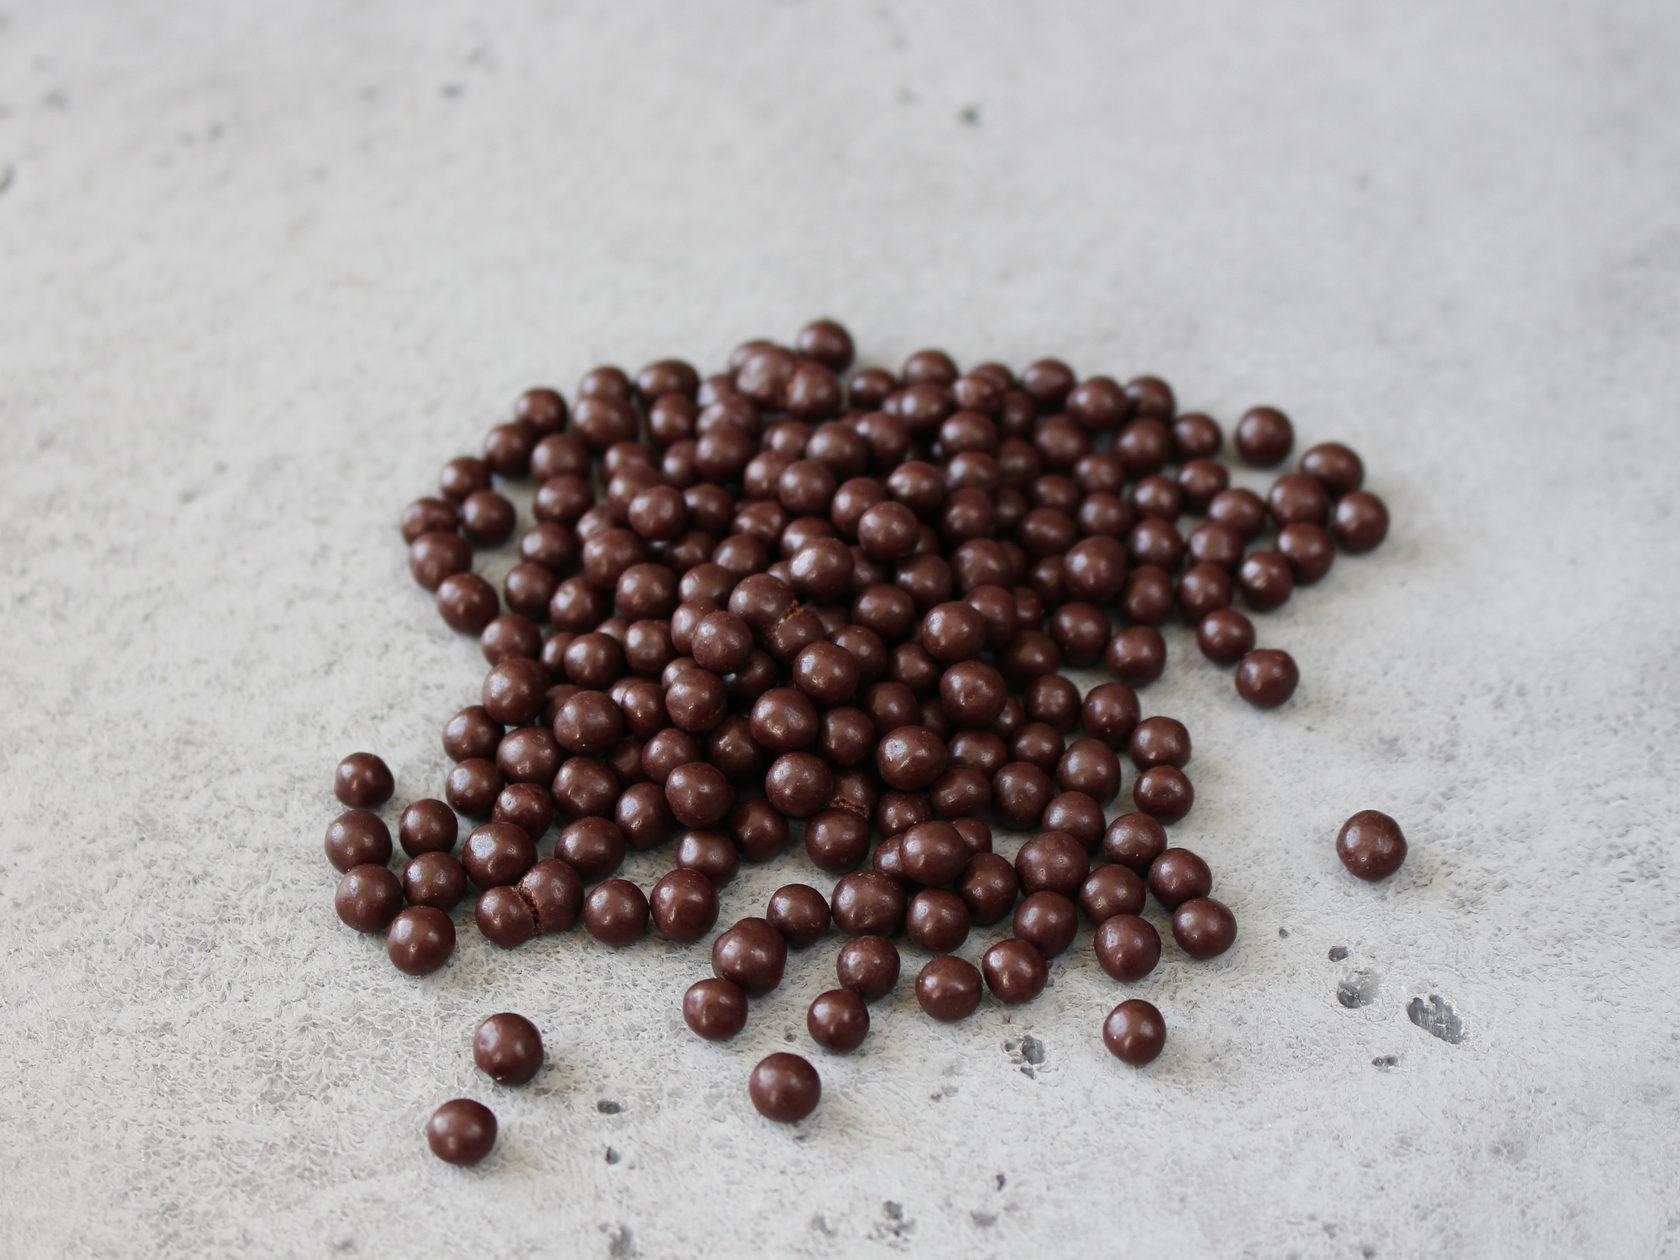 Шарики кранч темные Callebaut, 100 гр